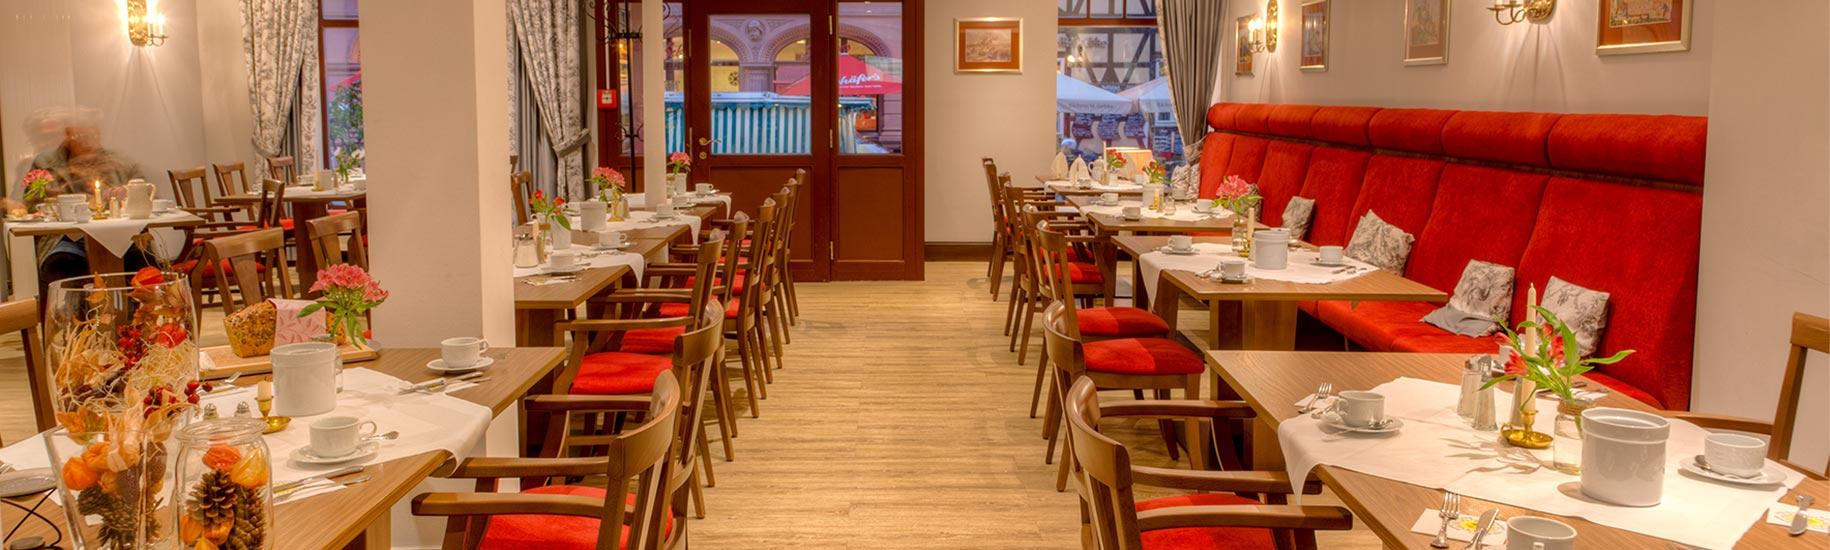 Slider-Restaurant-03